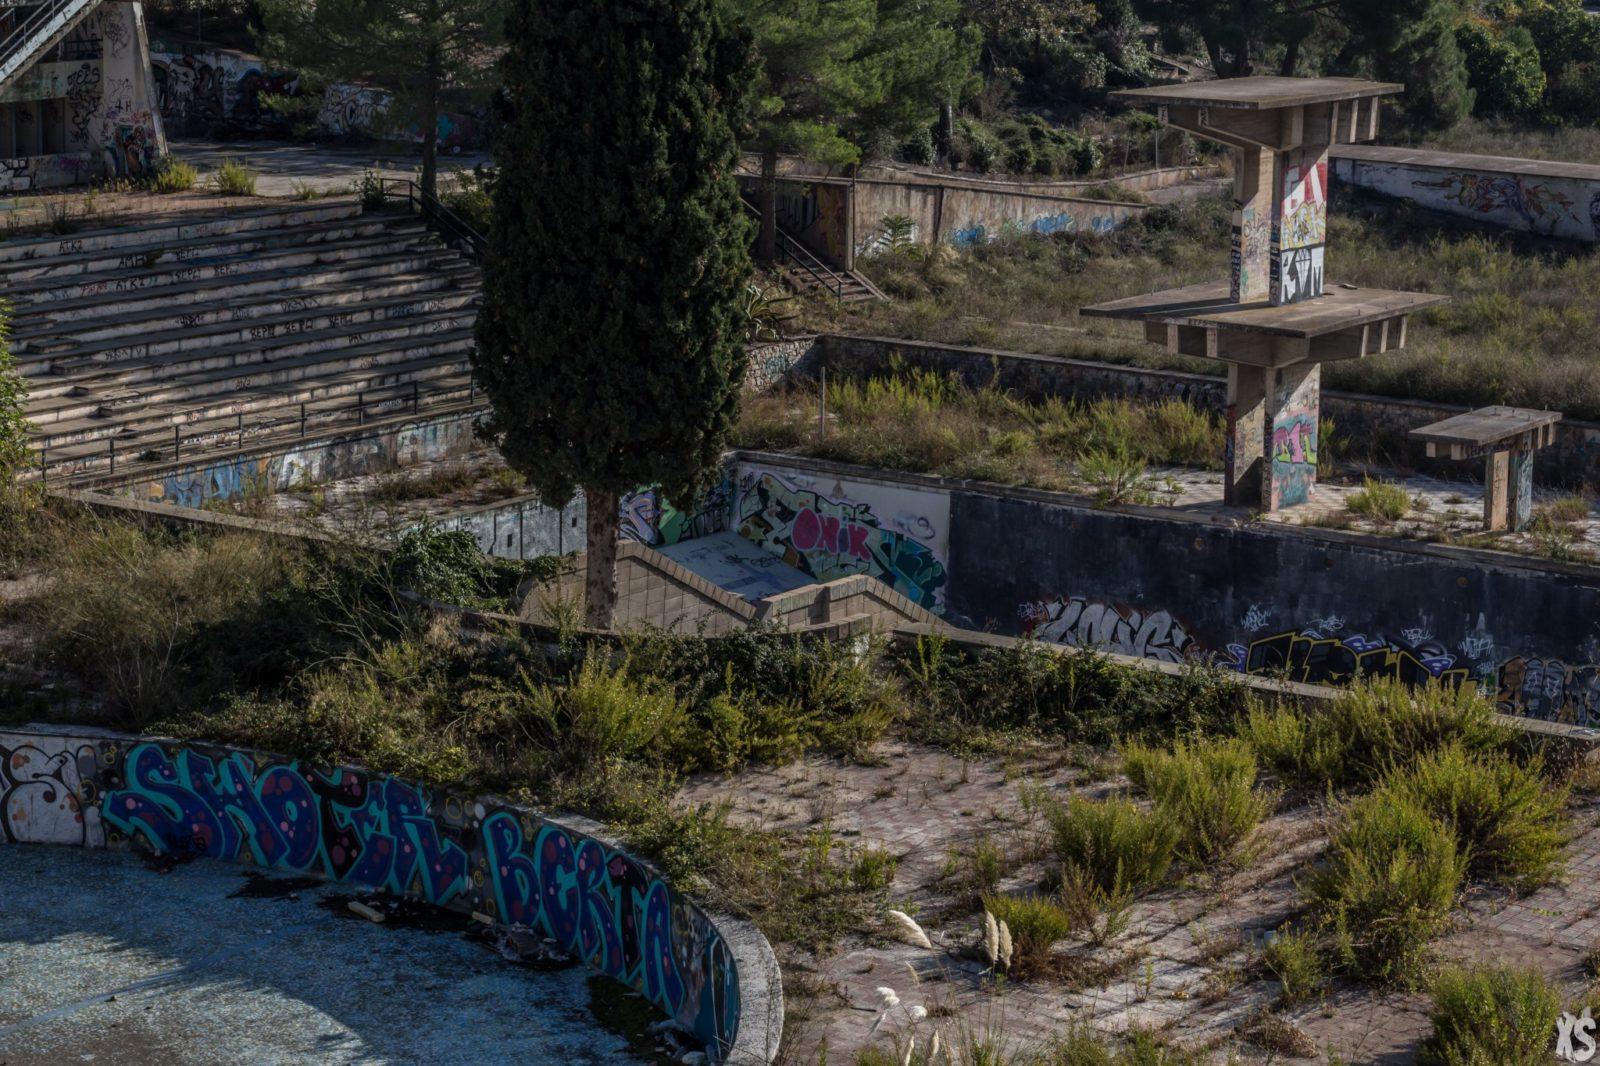 Piscine olympique de la Vega 9urbex radar exlporation piscine abandon fantome - Piscines olympiques et parcs aquatiques : les plus beaux spots abandonnés